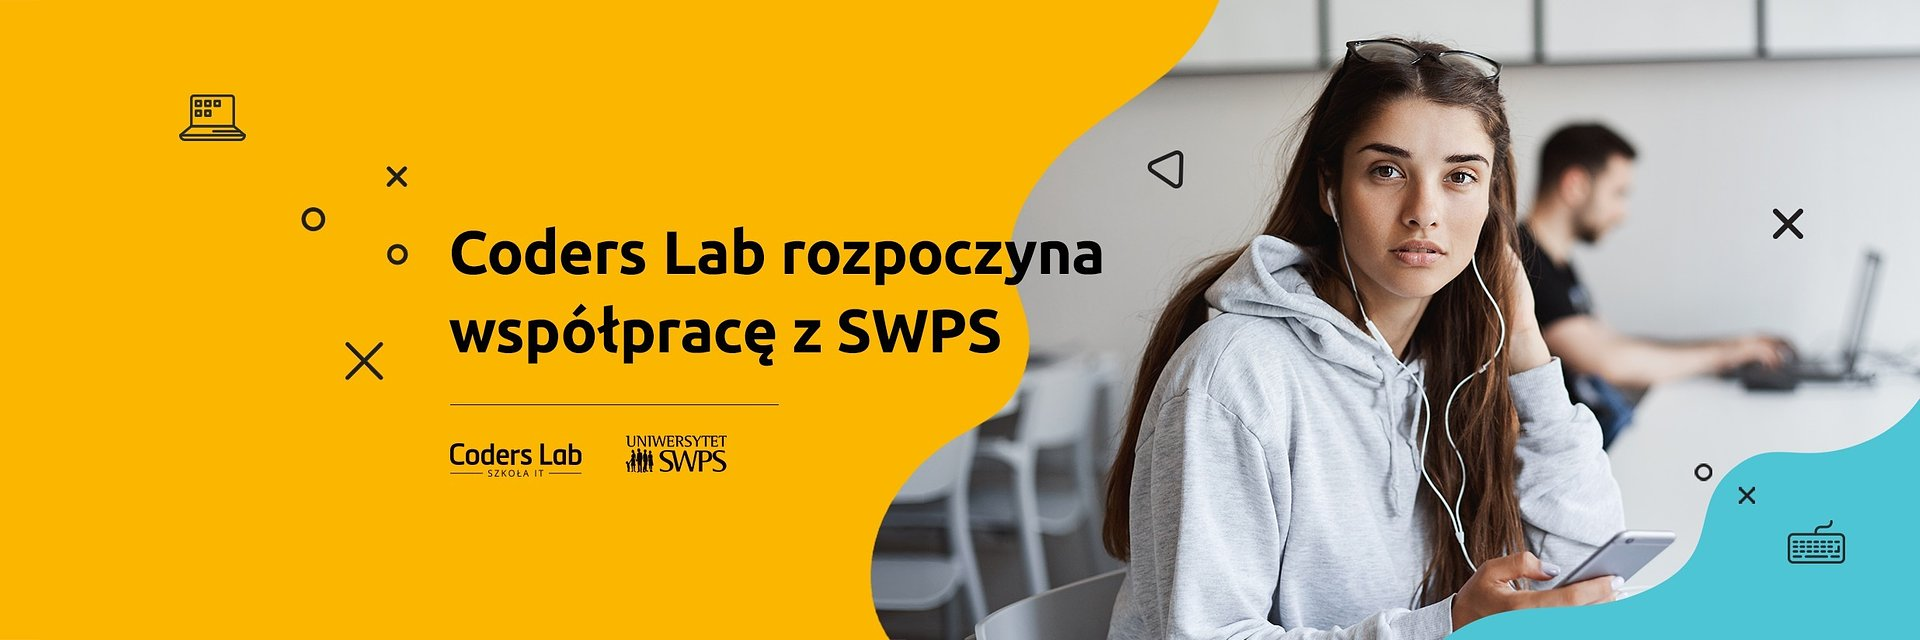 SWPS i Coders Lab zapraszają na nowy kierunek studiów